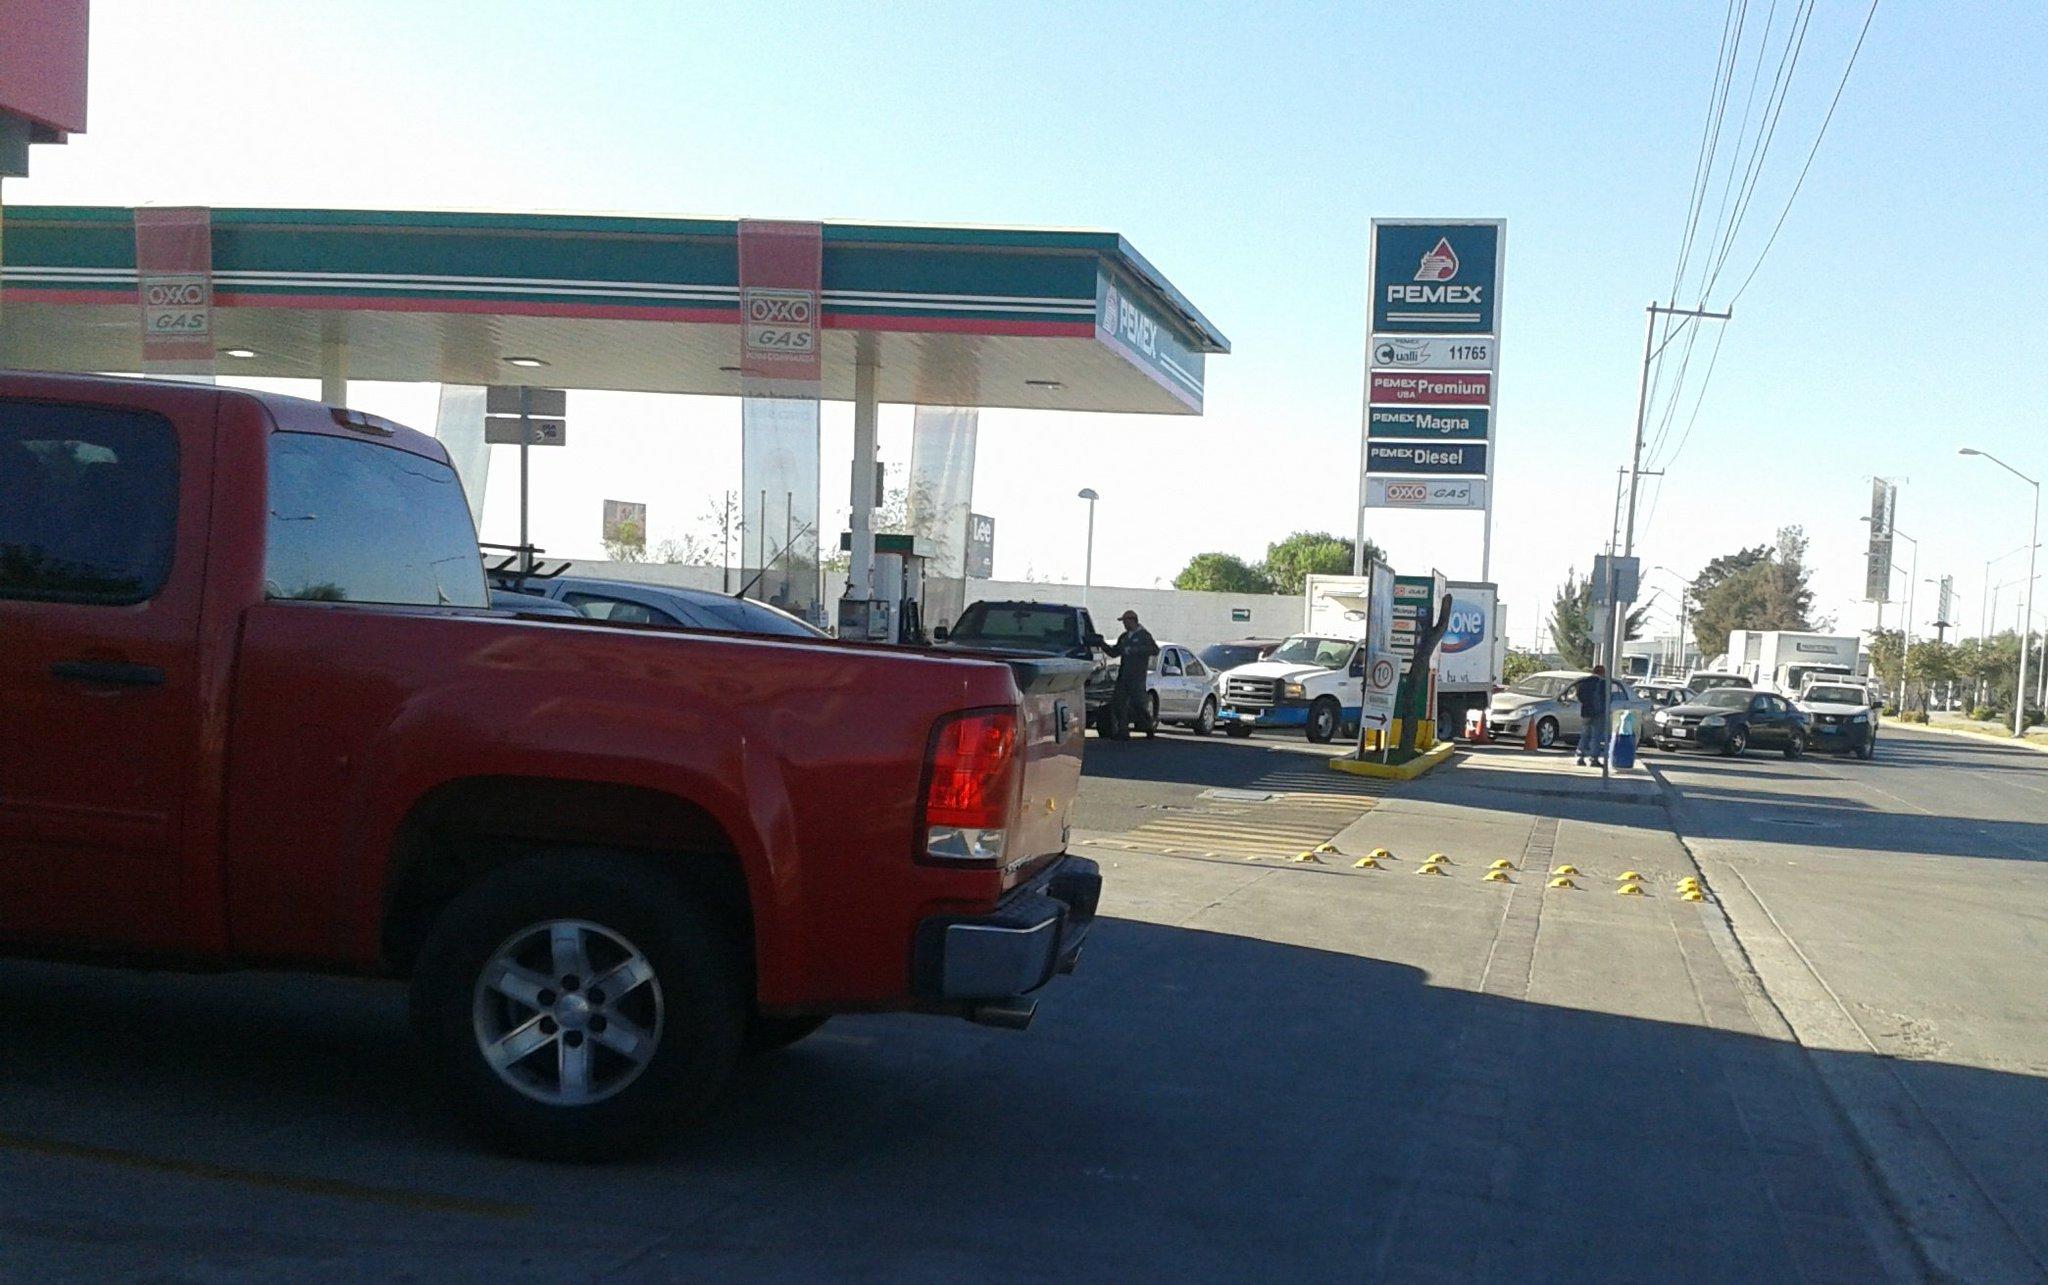 Situación Sentimental: en una peregrinación de gasolinera en gasolinera, #DesabastoDeGasolina en León Guanajuato https://t.co/46qgPbecX4